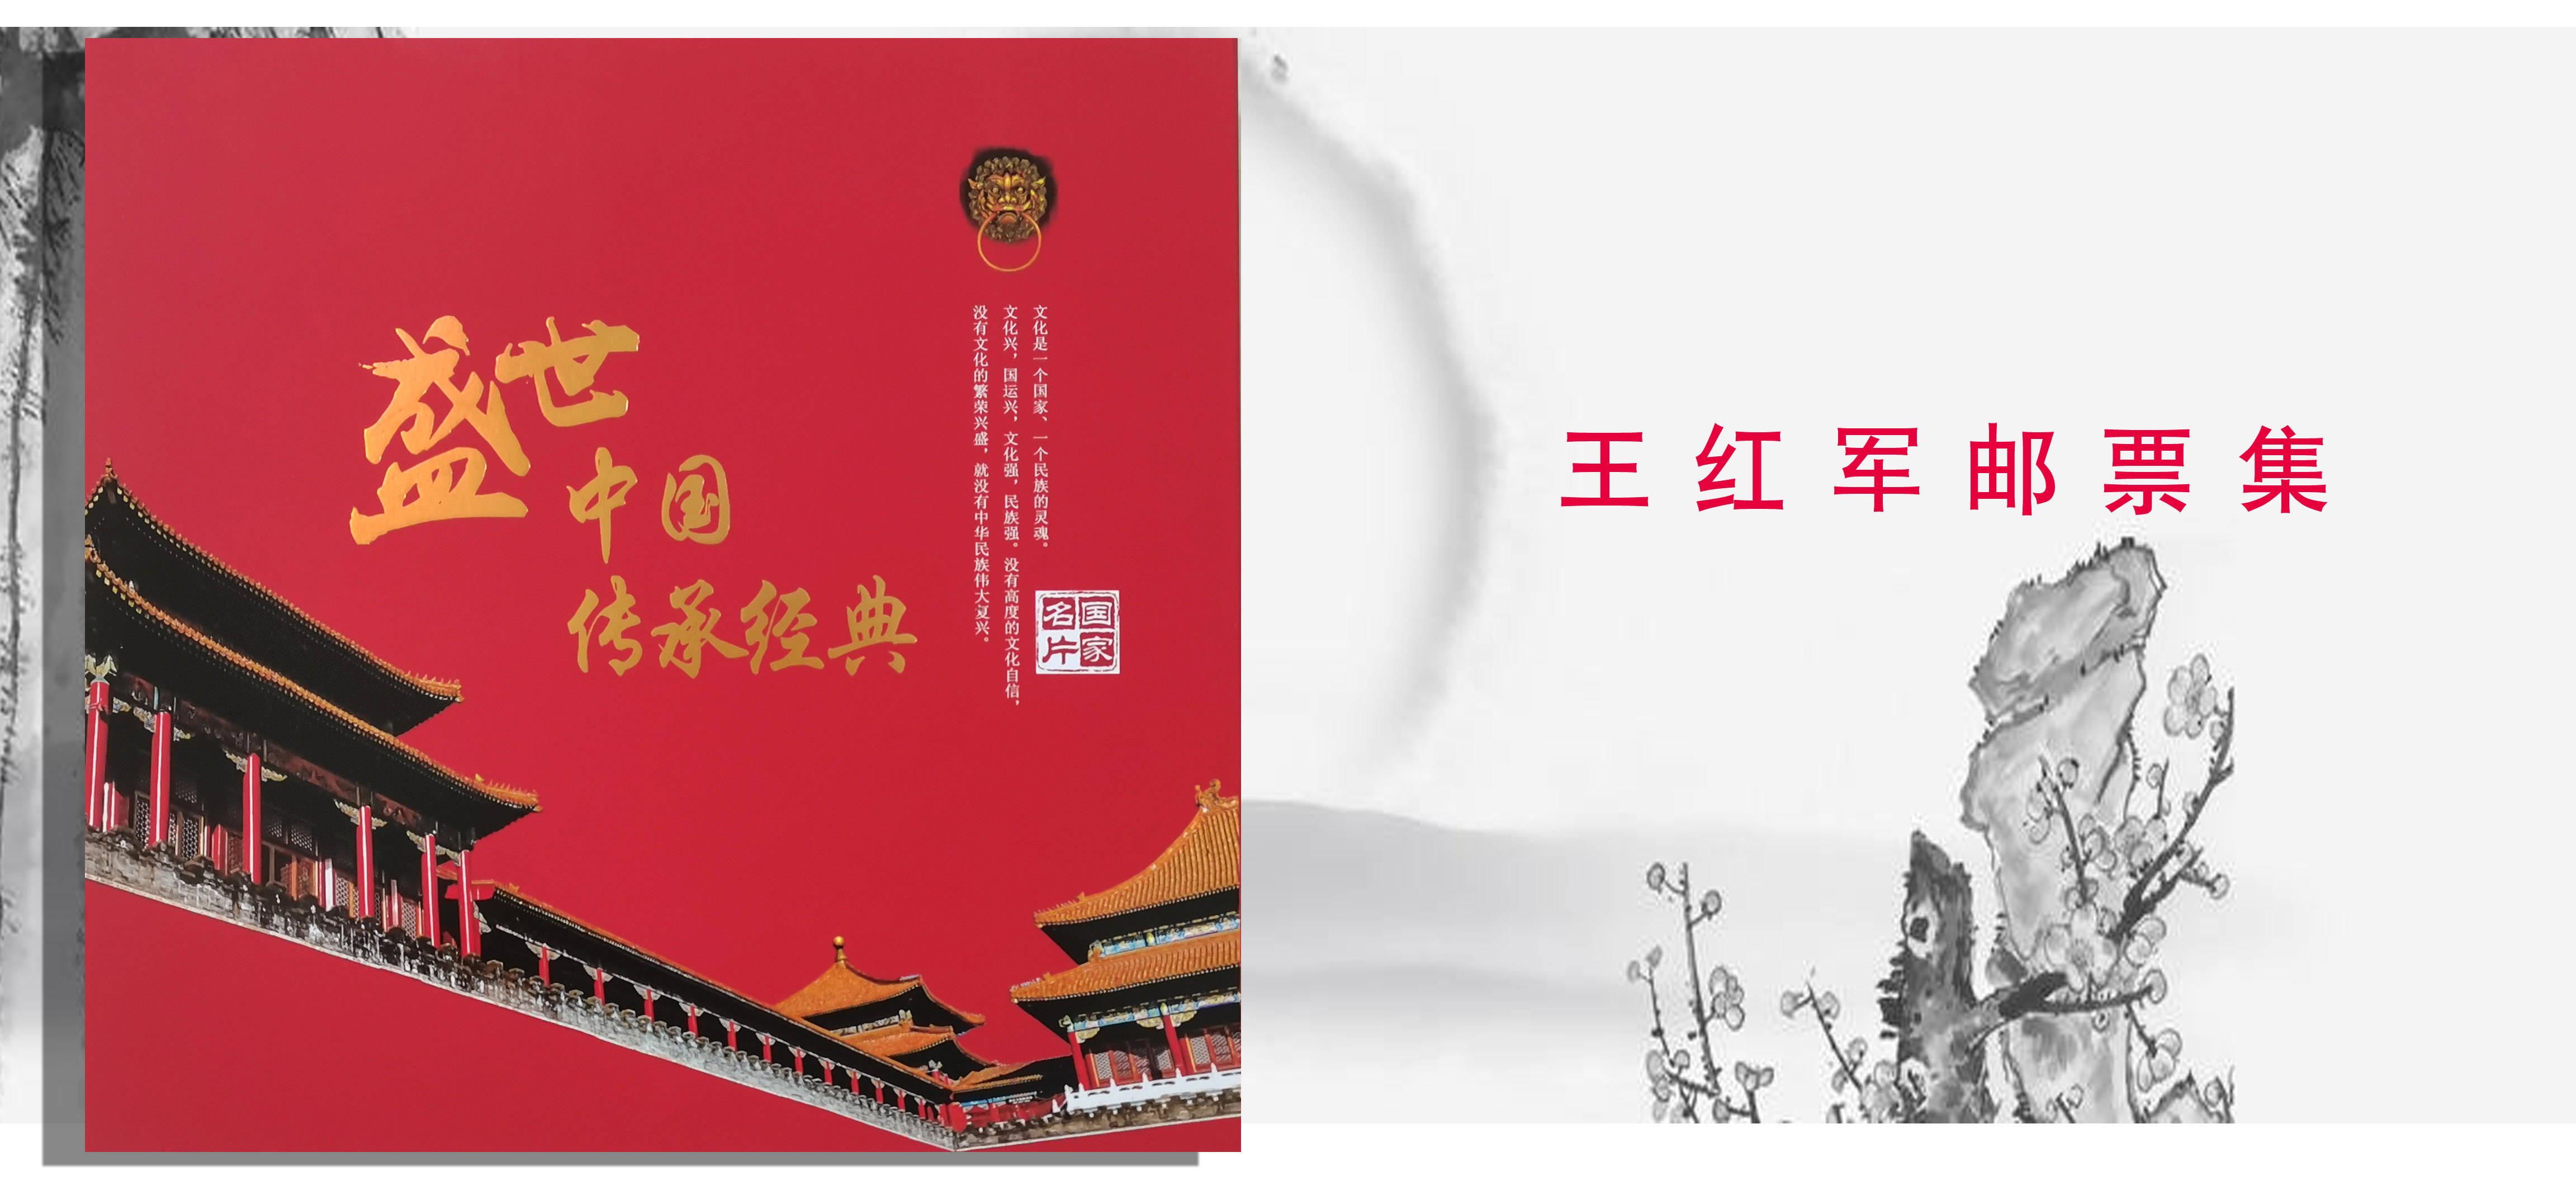 徐州画家王红军邮票作品集发行